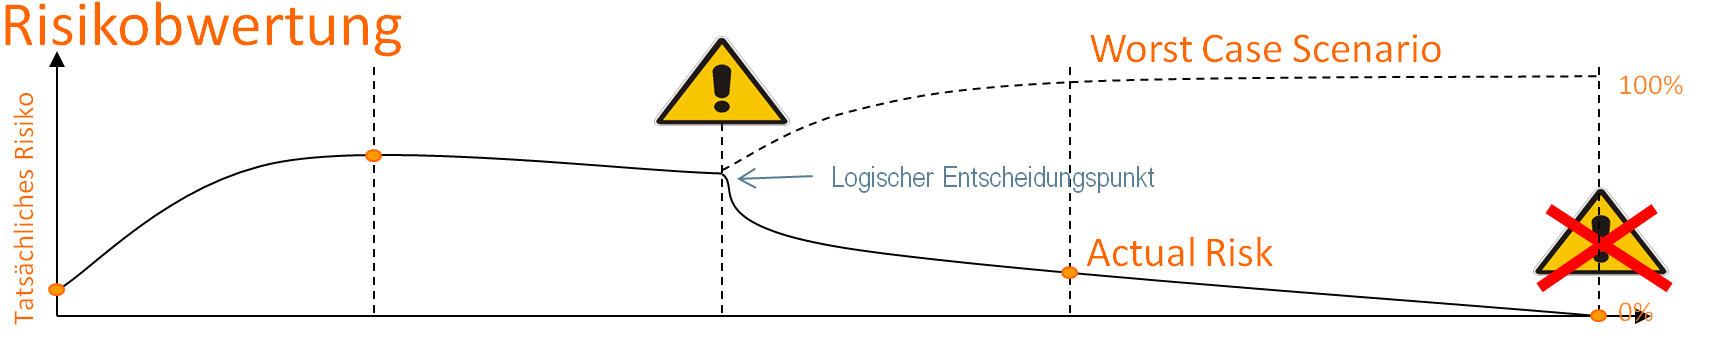 Risikobewertung eines Szenarios für den Betrieb